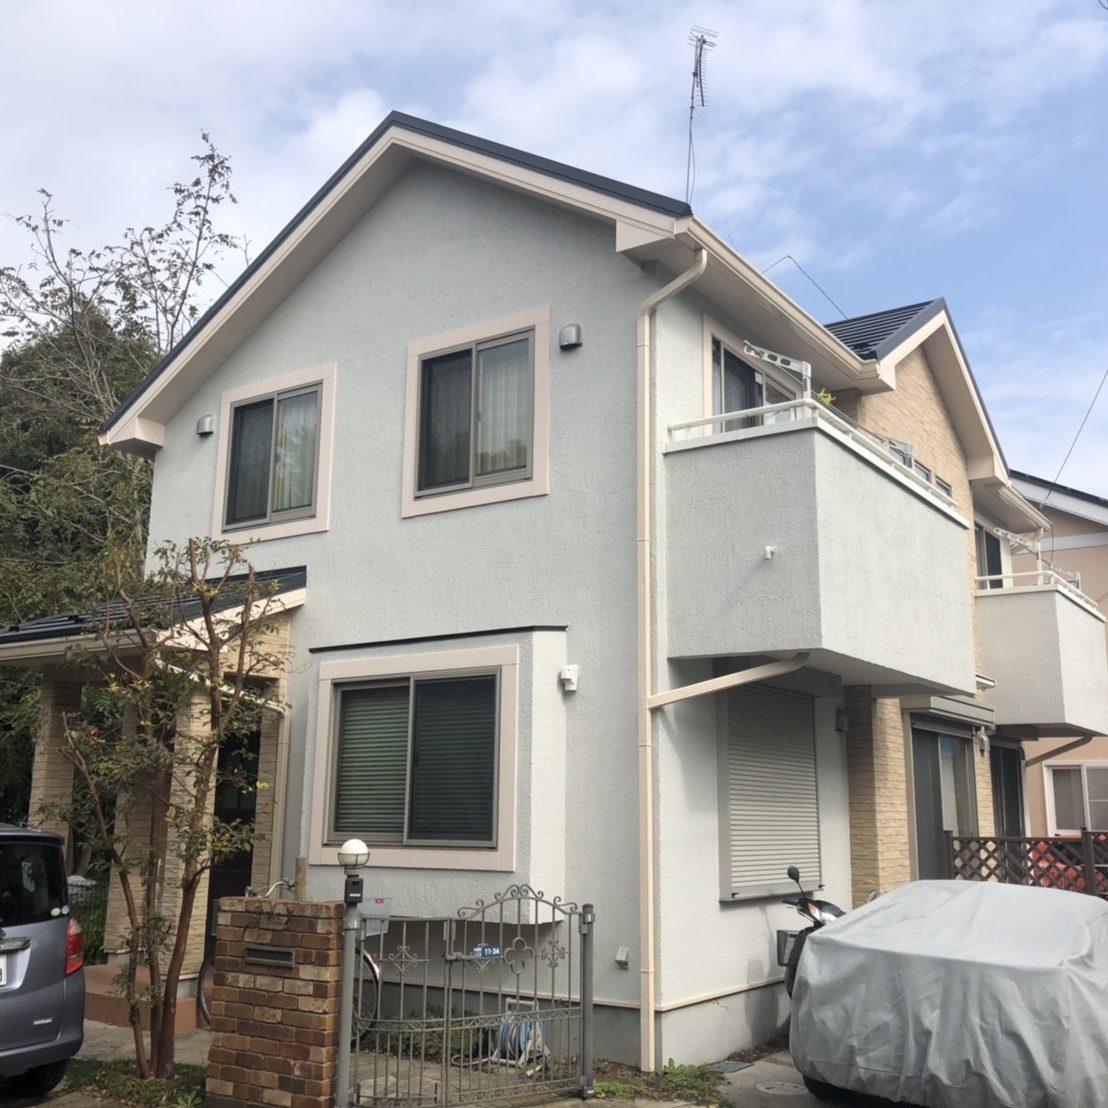 大和市I様邸 屋根葺替え・外壁塗装工事 ②